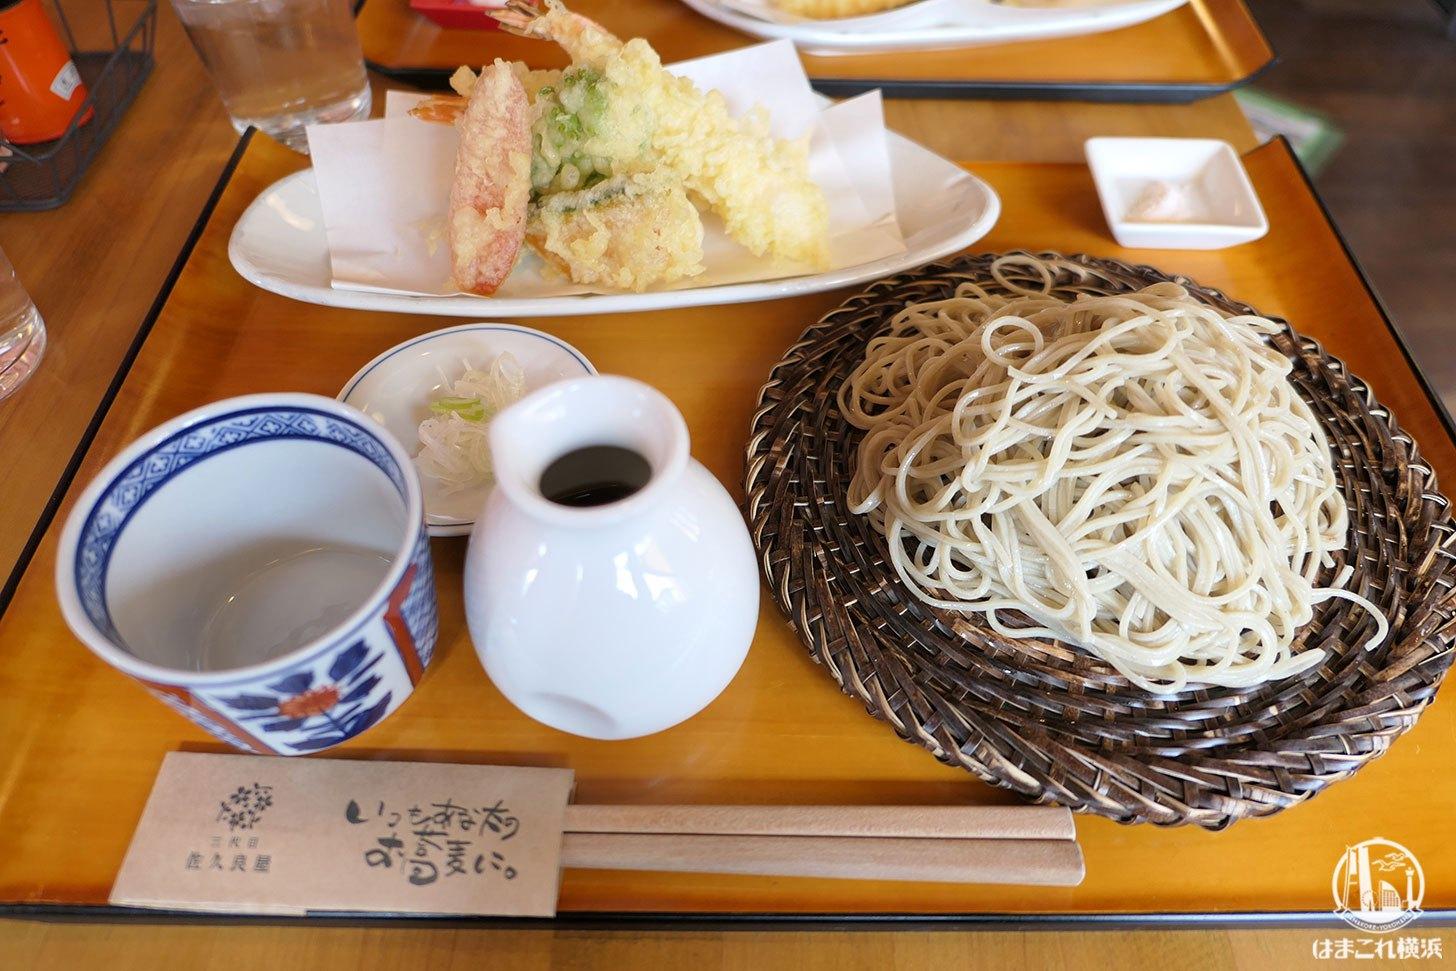 横浜「三代目佐久良屋」の蕎麦が旨い!コシが強くて通いたくなる店